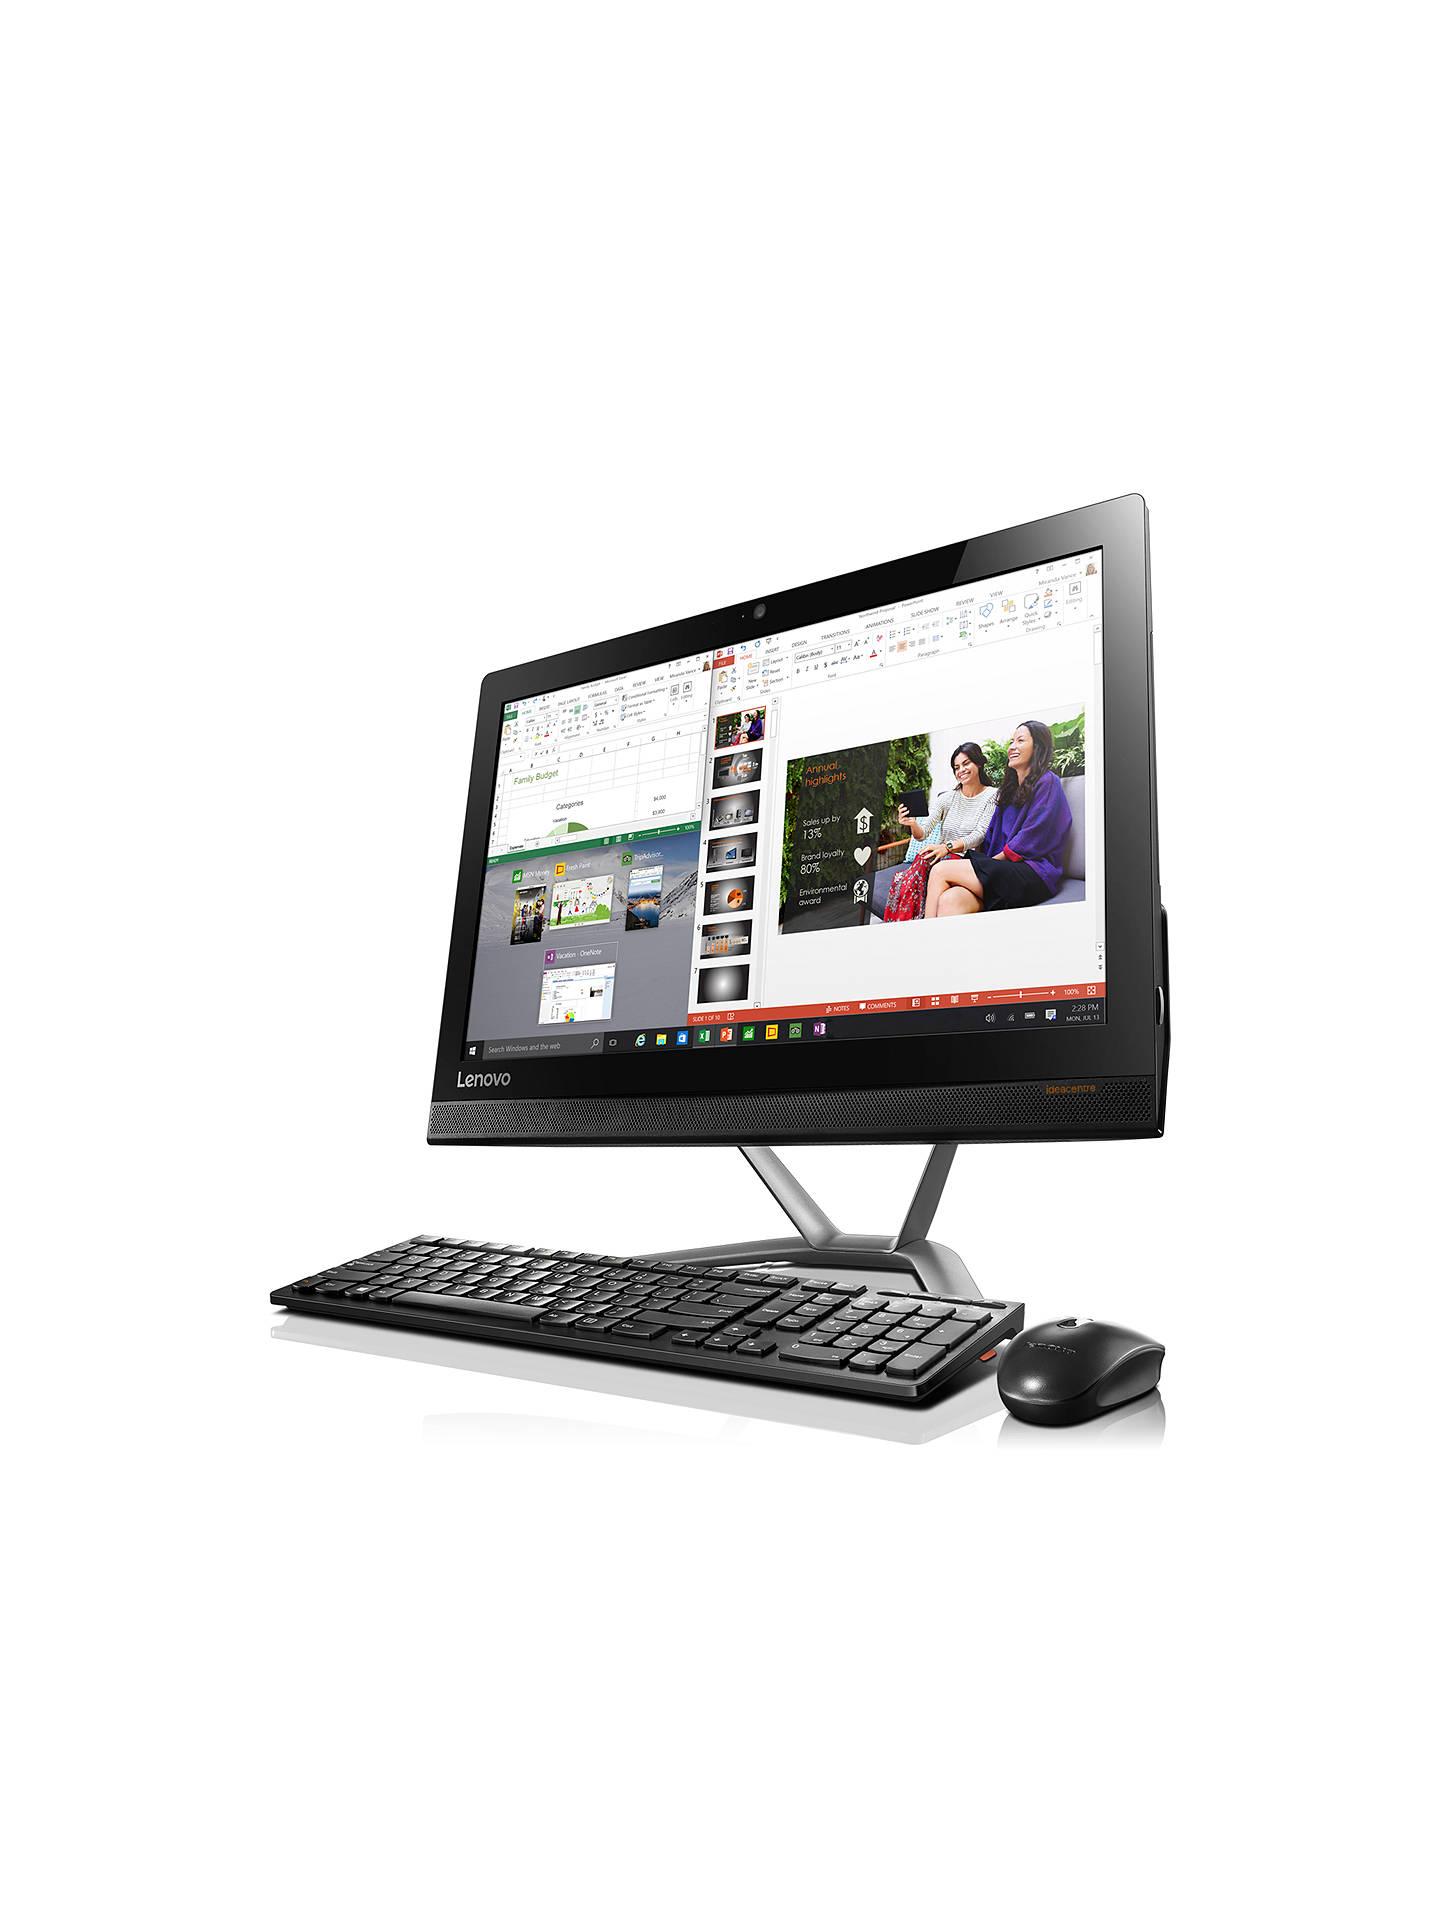 Lenovo Ideacentre 300 All-in-One PC, Intel Core i3, 8GB, 1TB